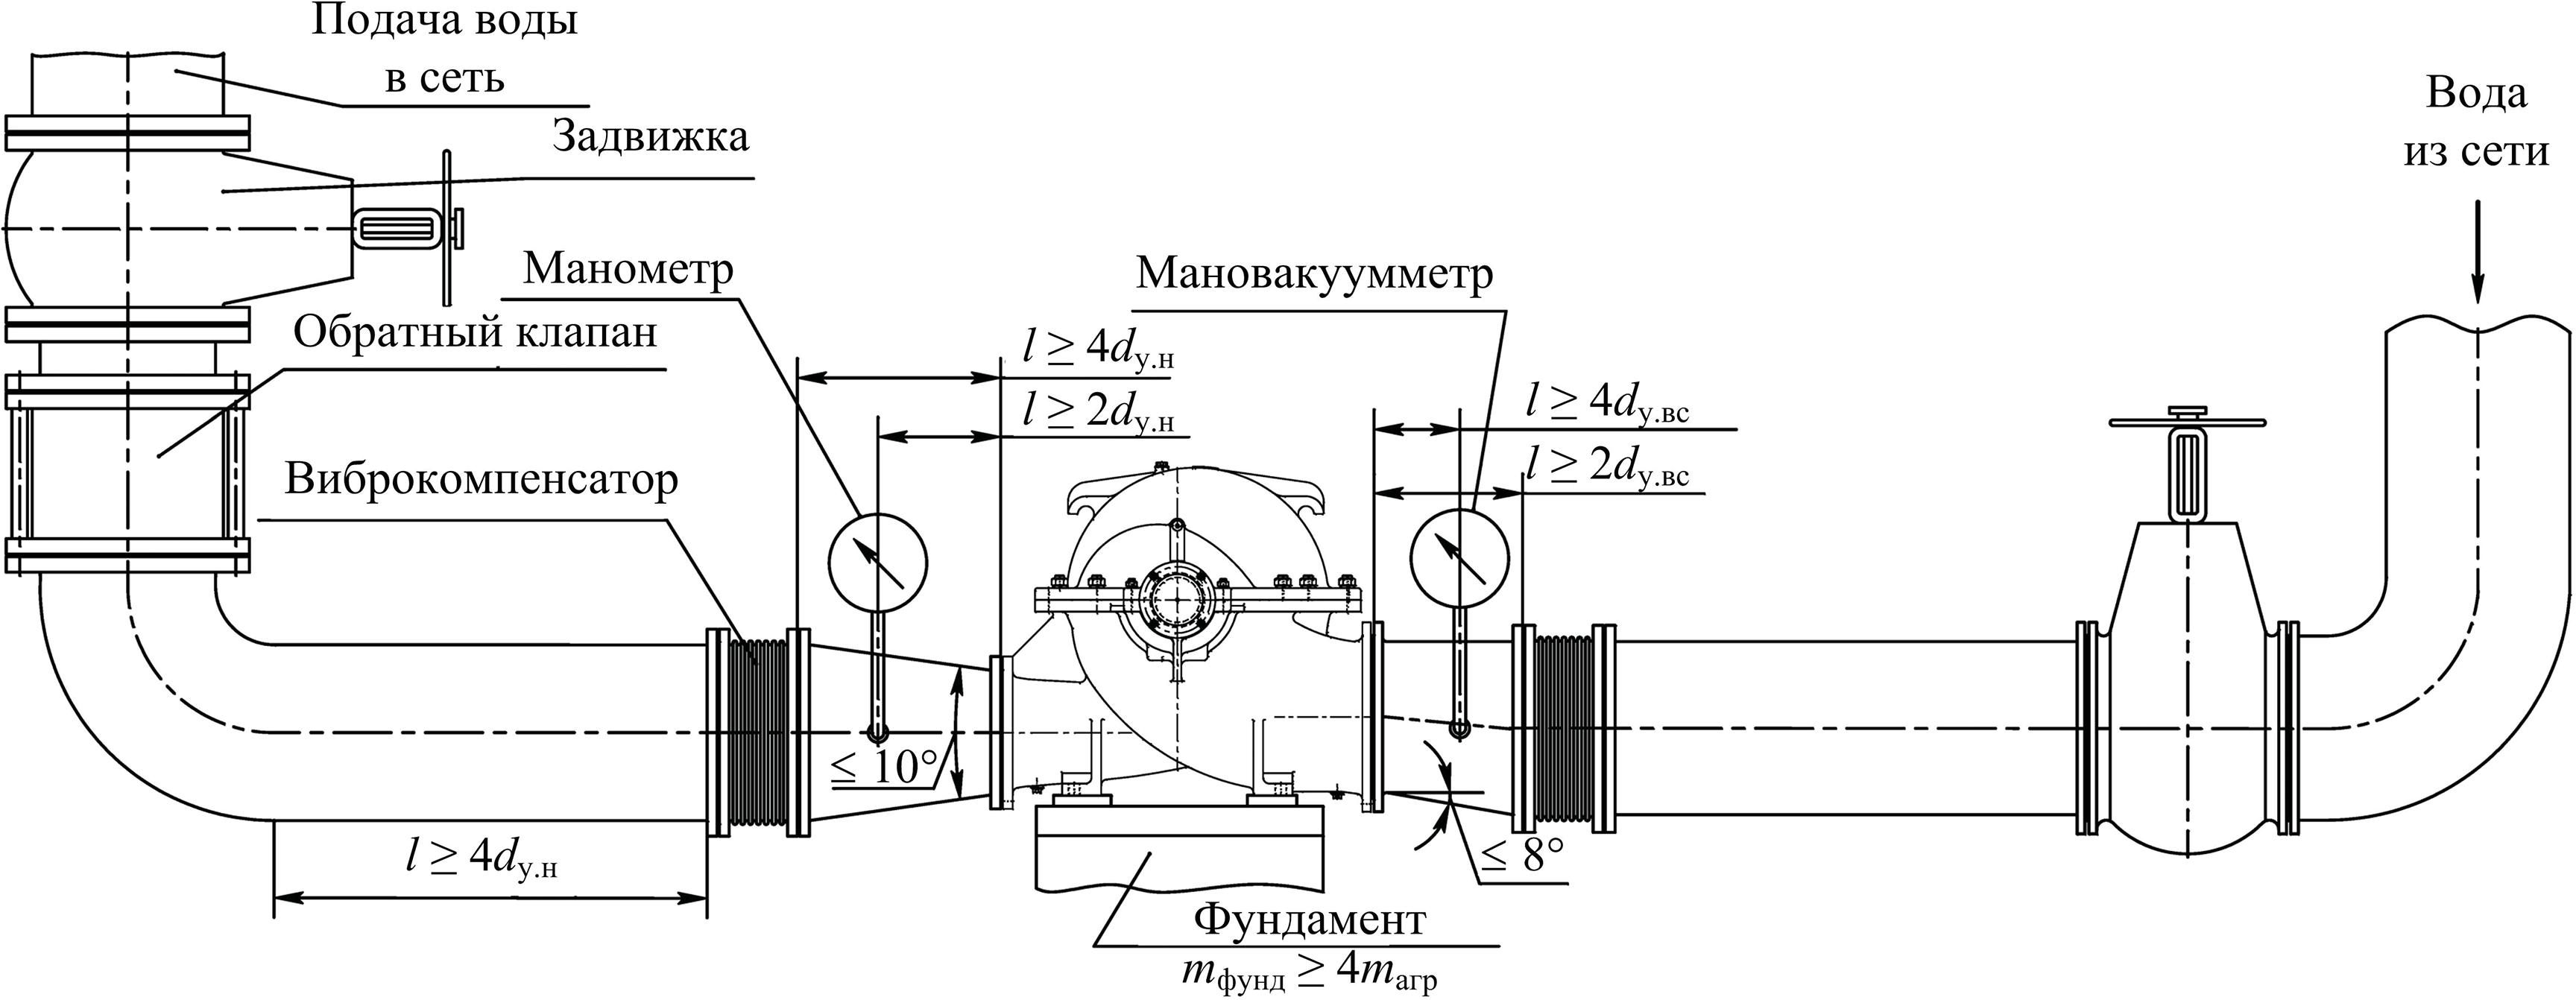 Центробежный насосный агрегат, с входной стороны подключенный к напорному трубопроводу